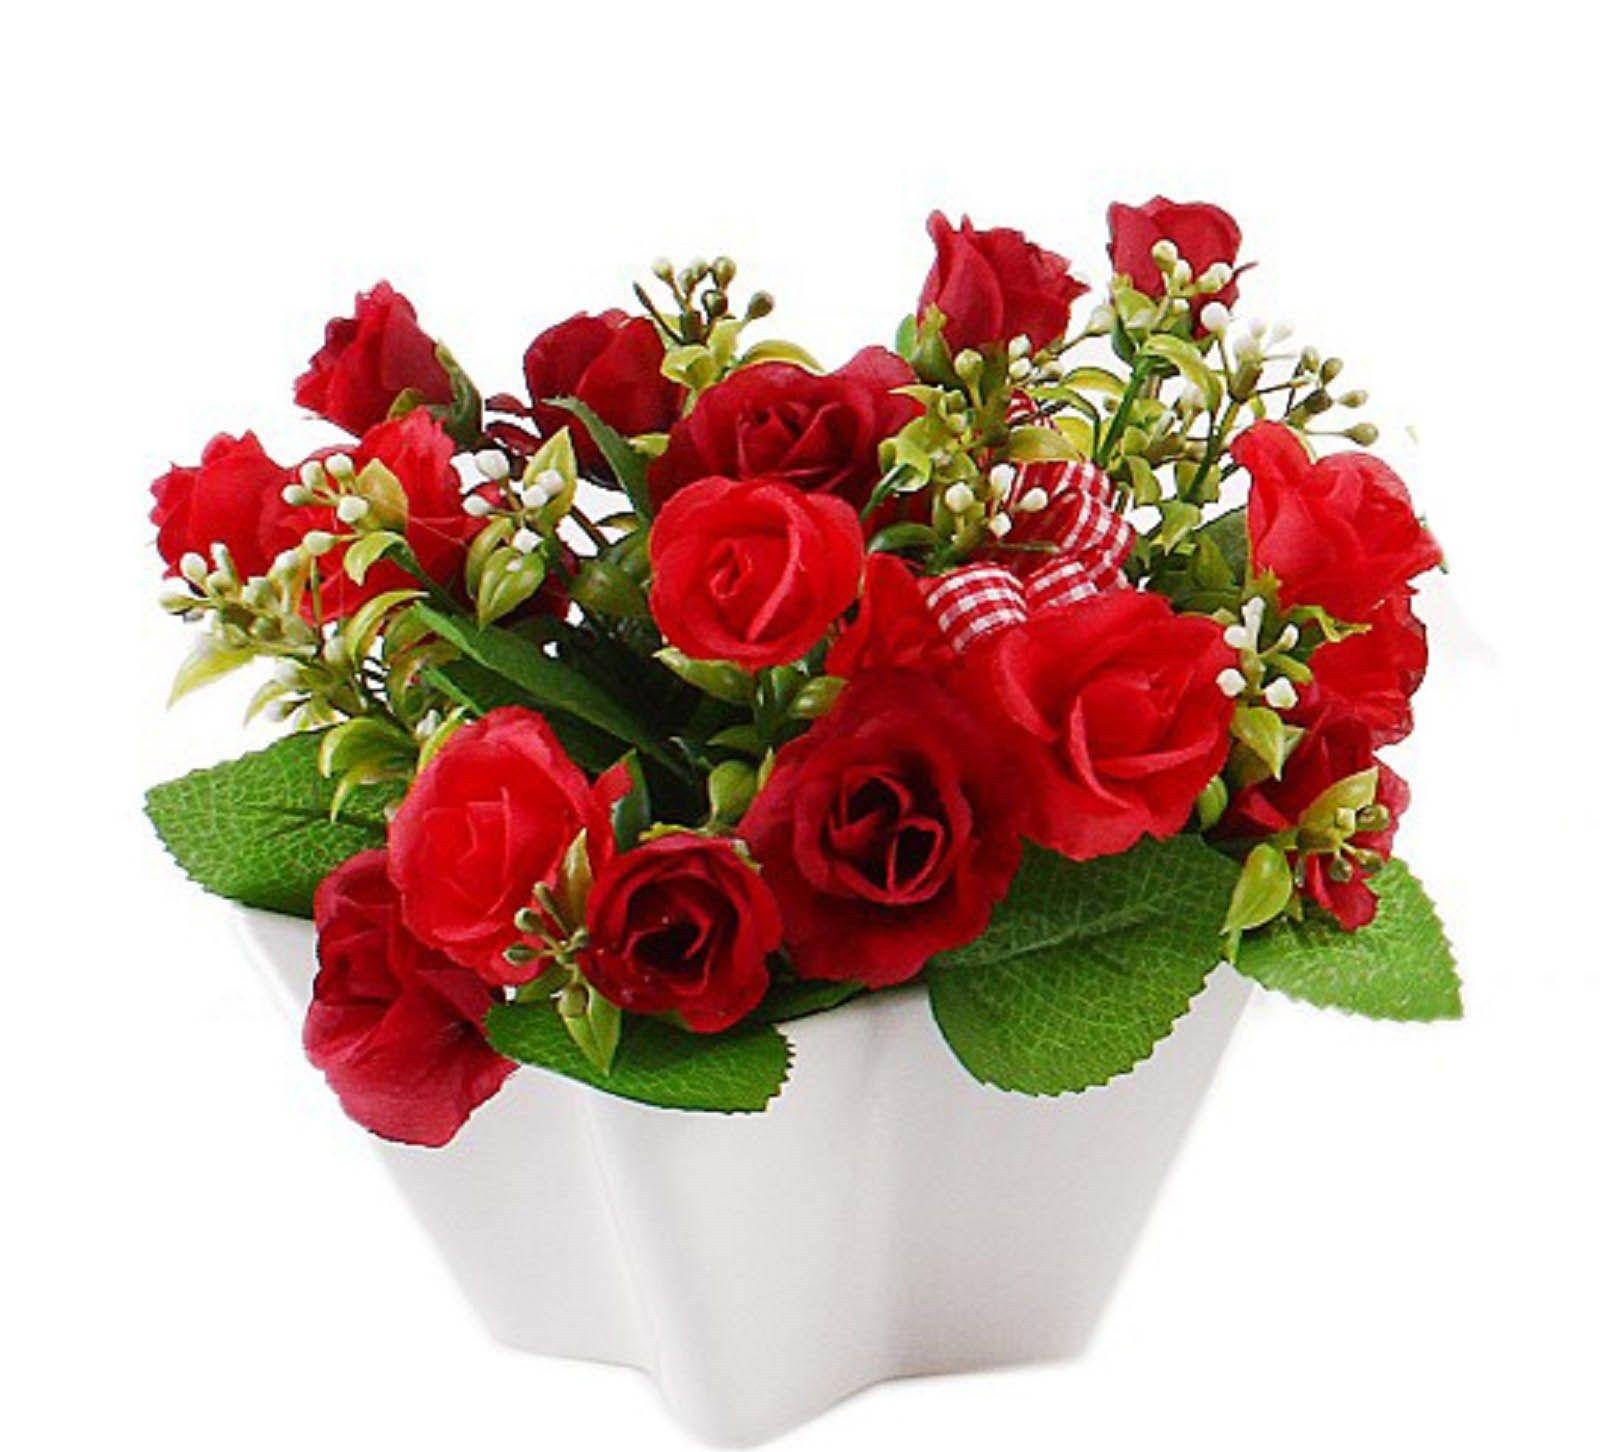 Декоративные комнатные розы в горшках: как посадить, выра ...